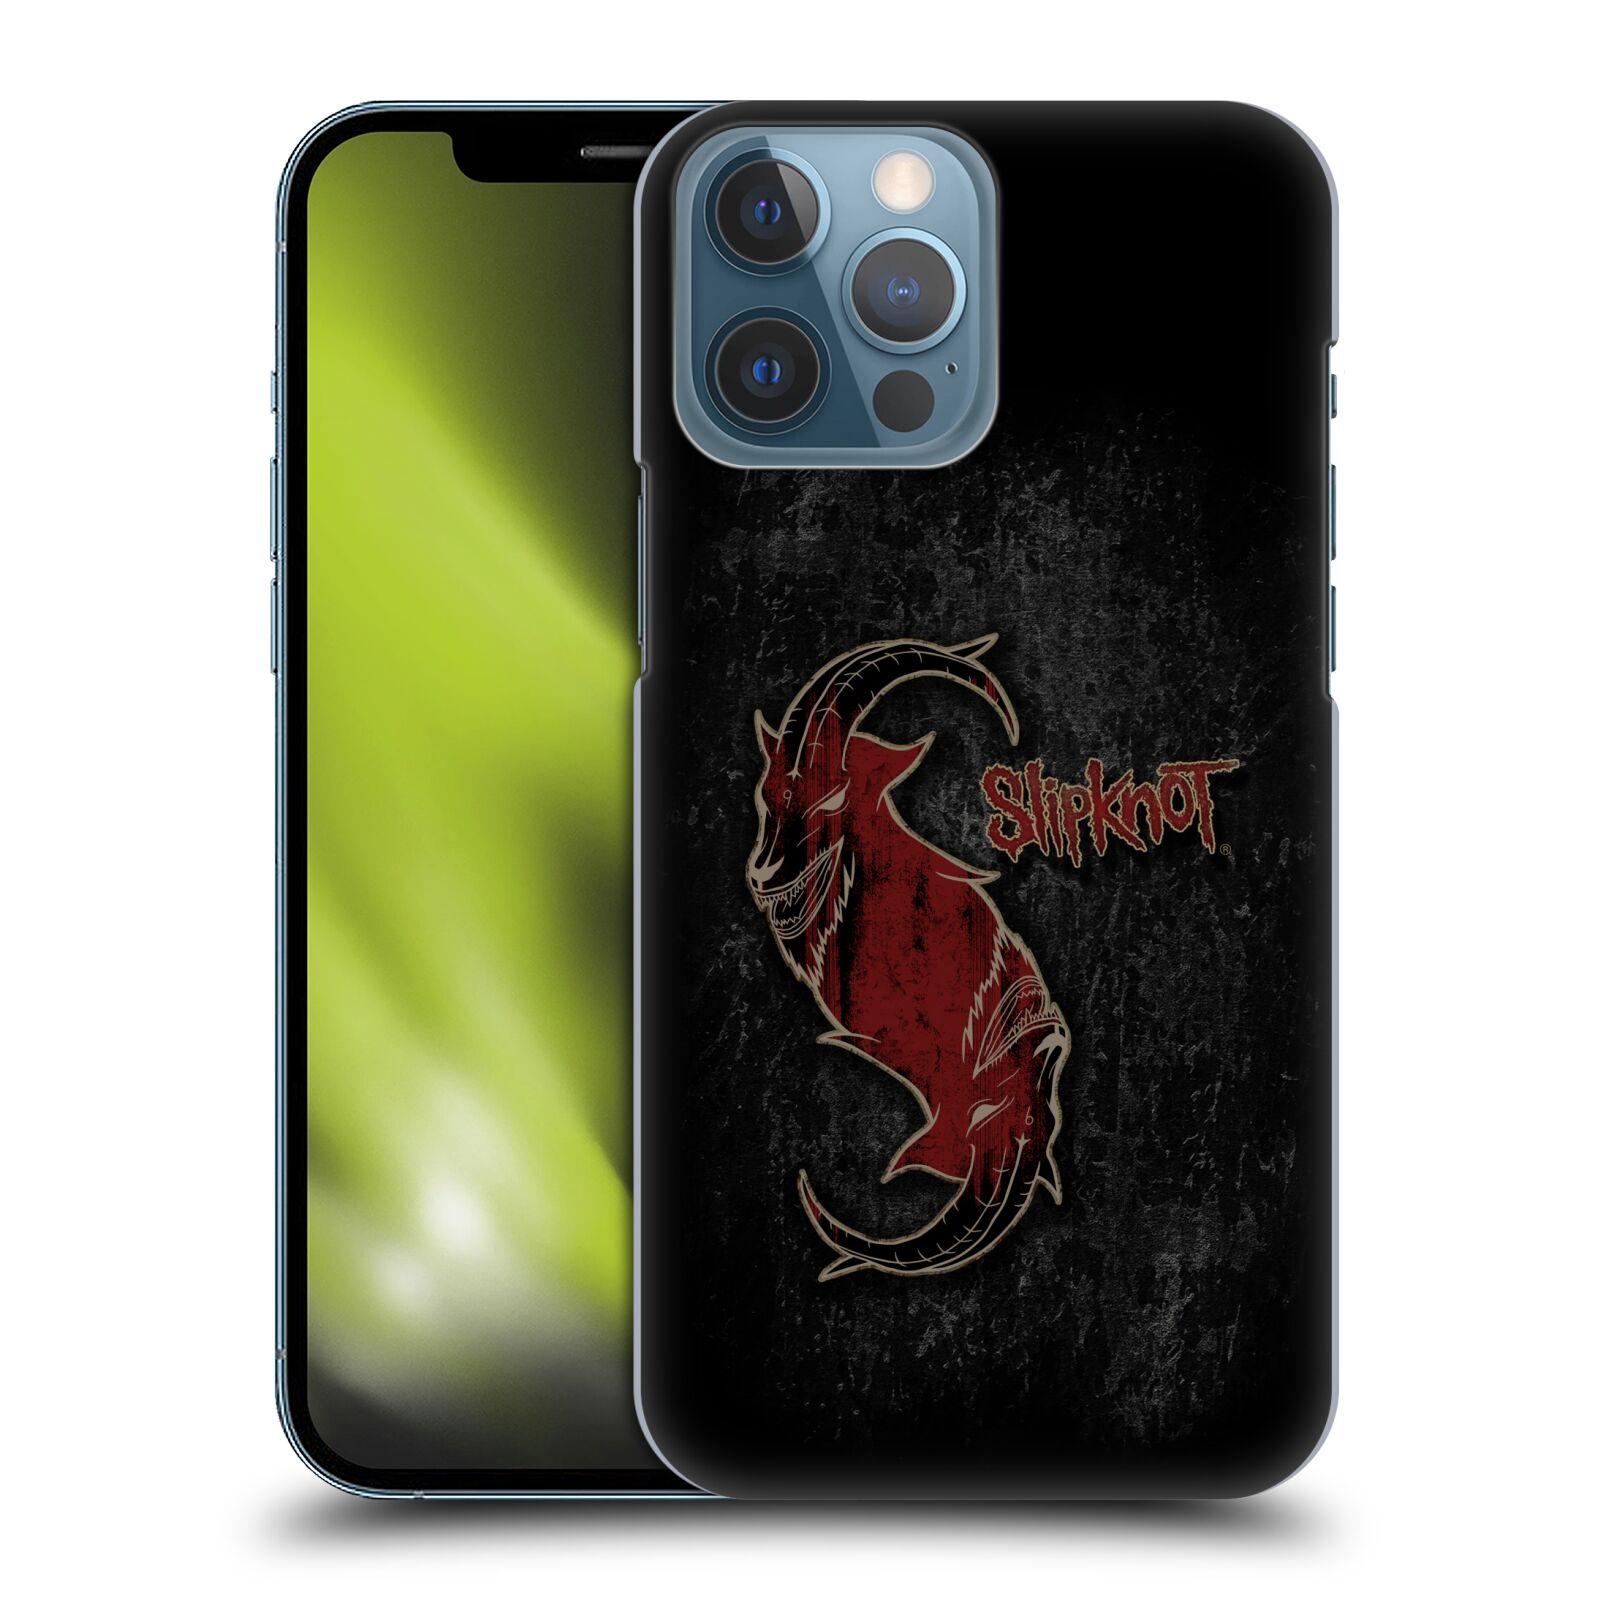 Plastové pouzdro na mobil Apple iPhone 13 Pro Max - Head Case - Slipknot - Rudý kozel